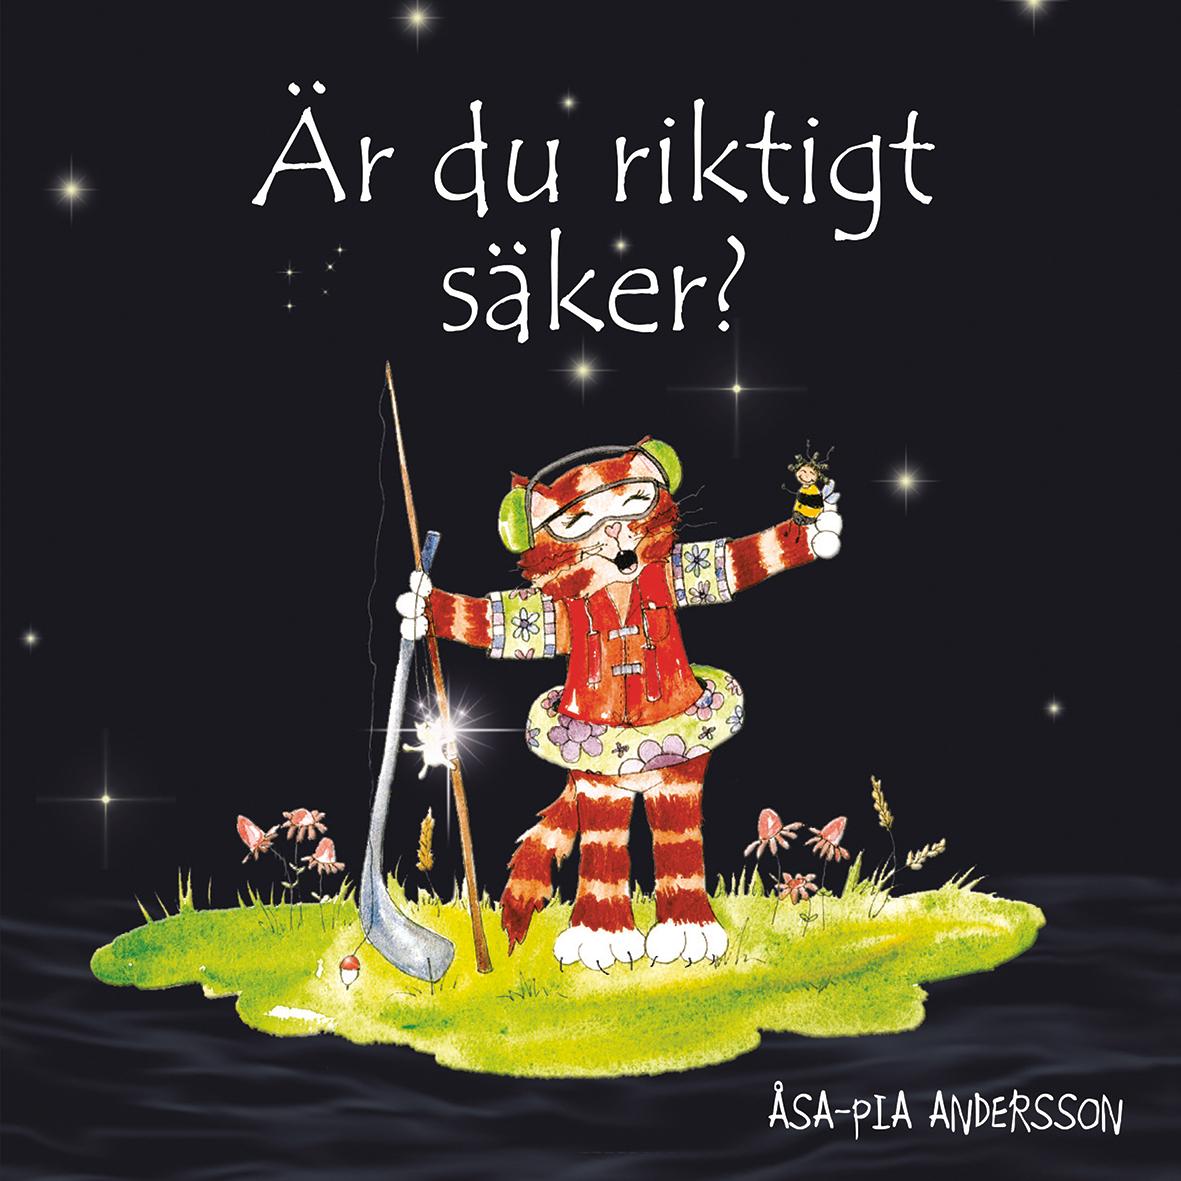 Image for Är du riktigt säker? from Suomalainen.com